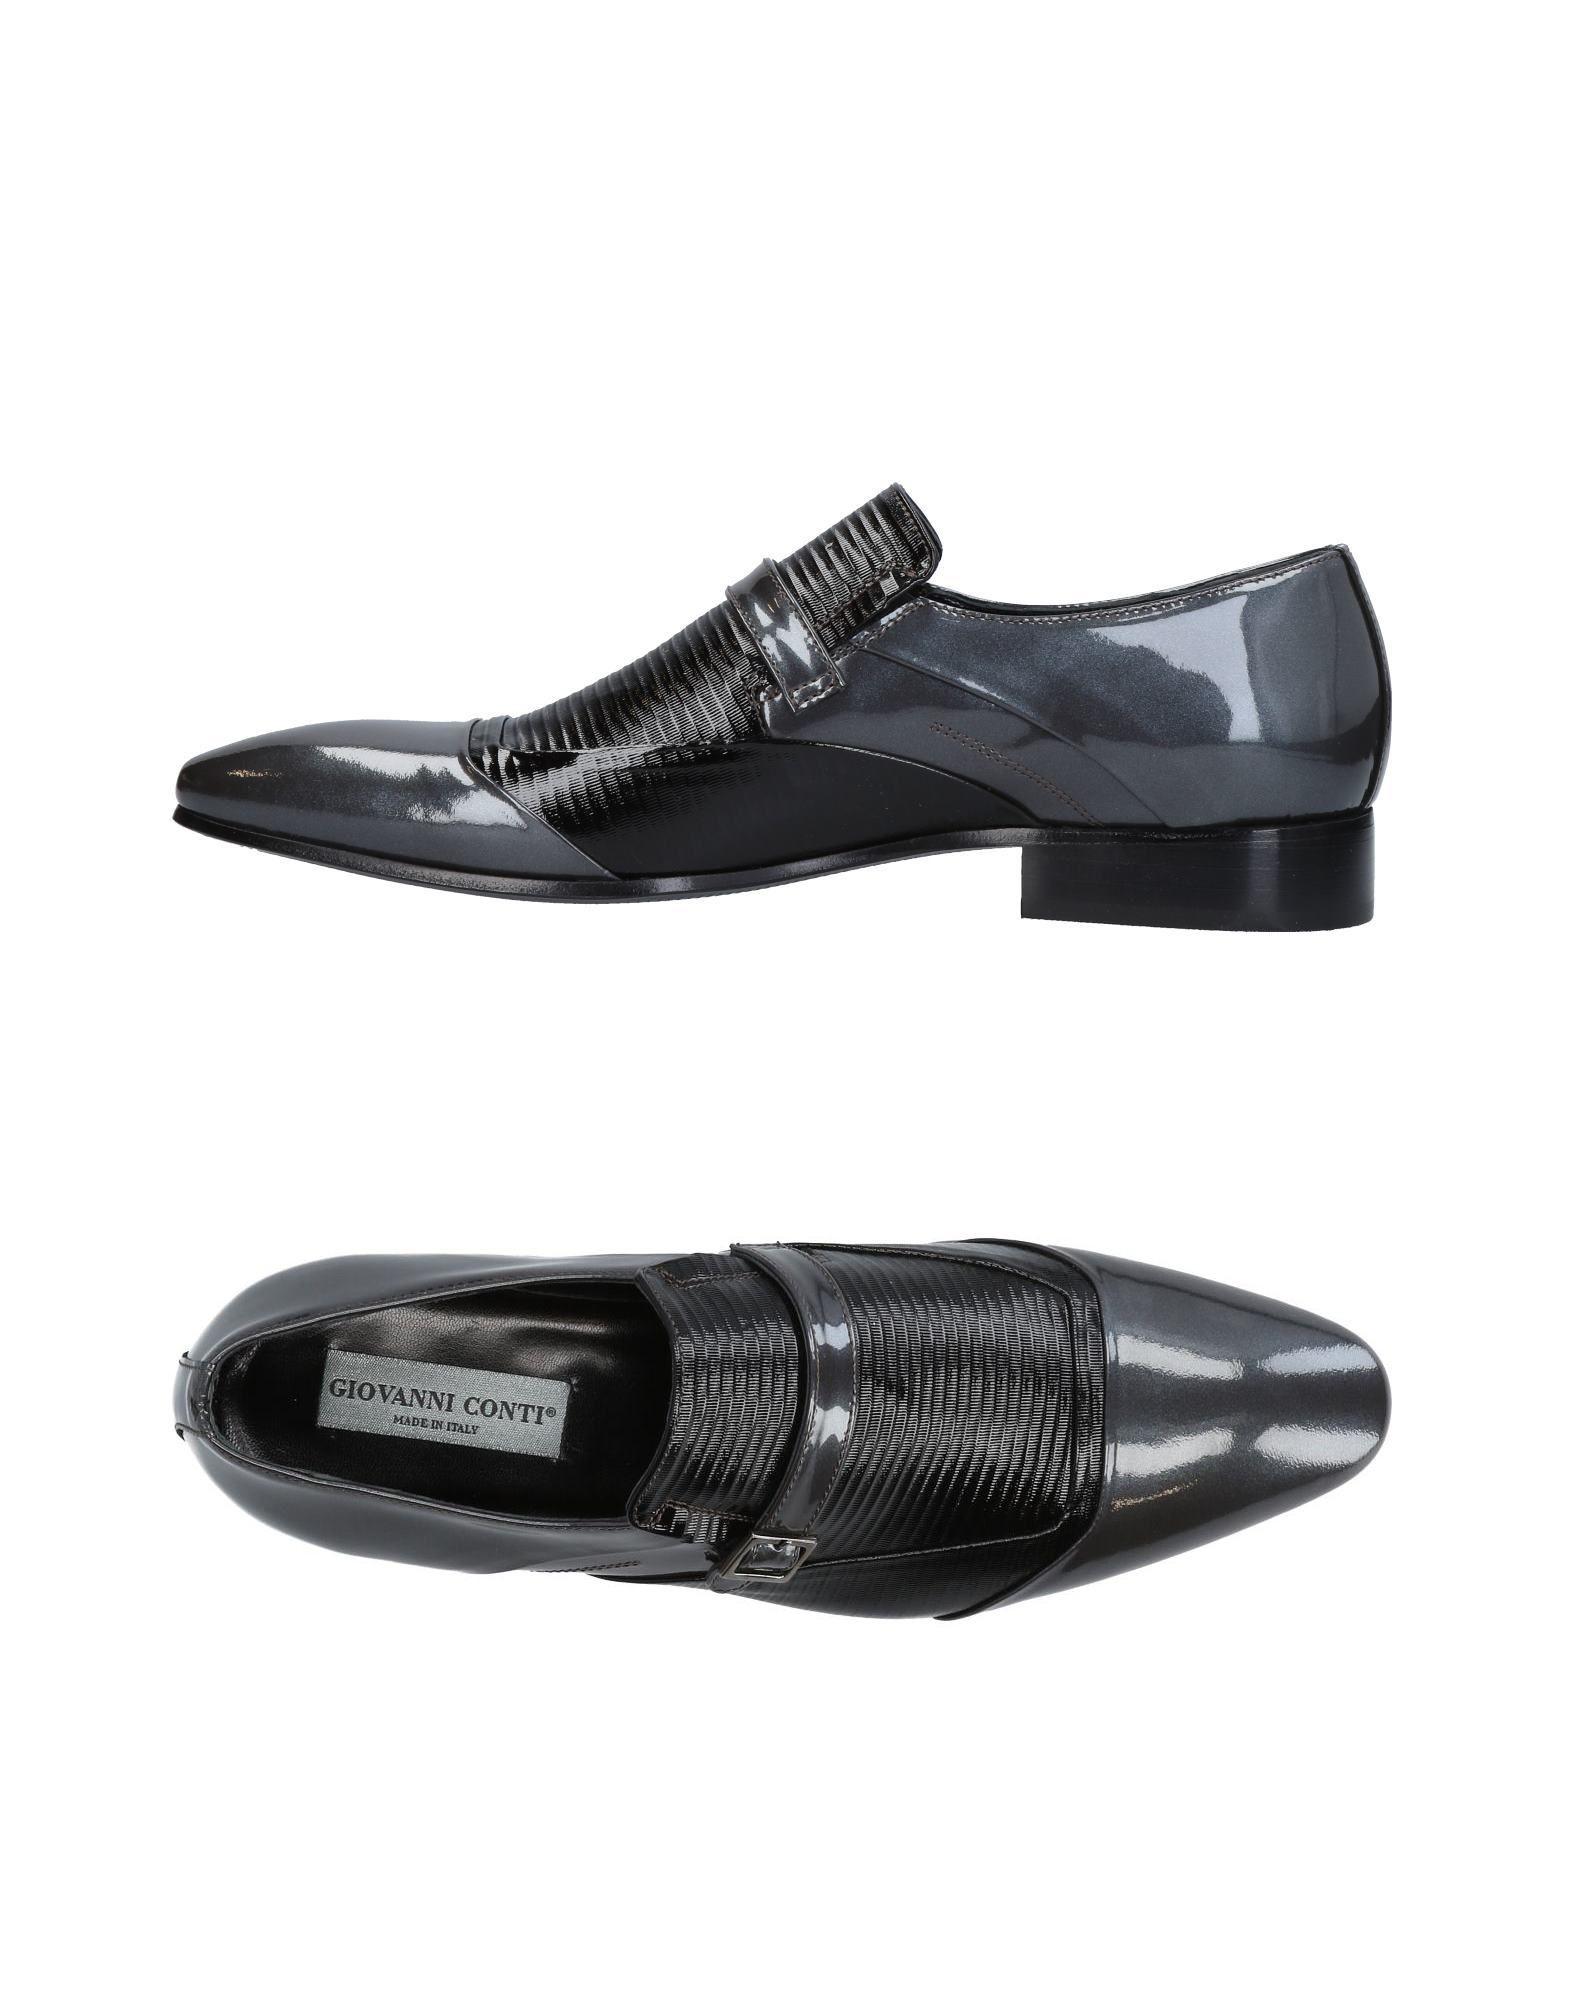 Giovanni Conti Mokassins Herren  11432796TD Gute Qualität beliebte Schuhe